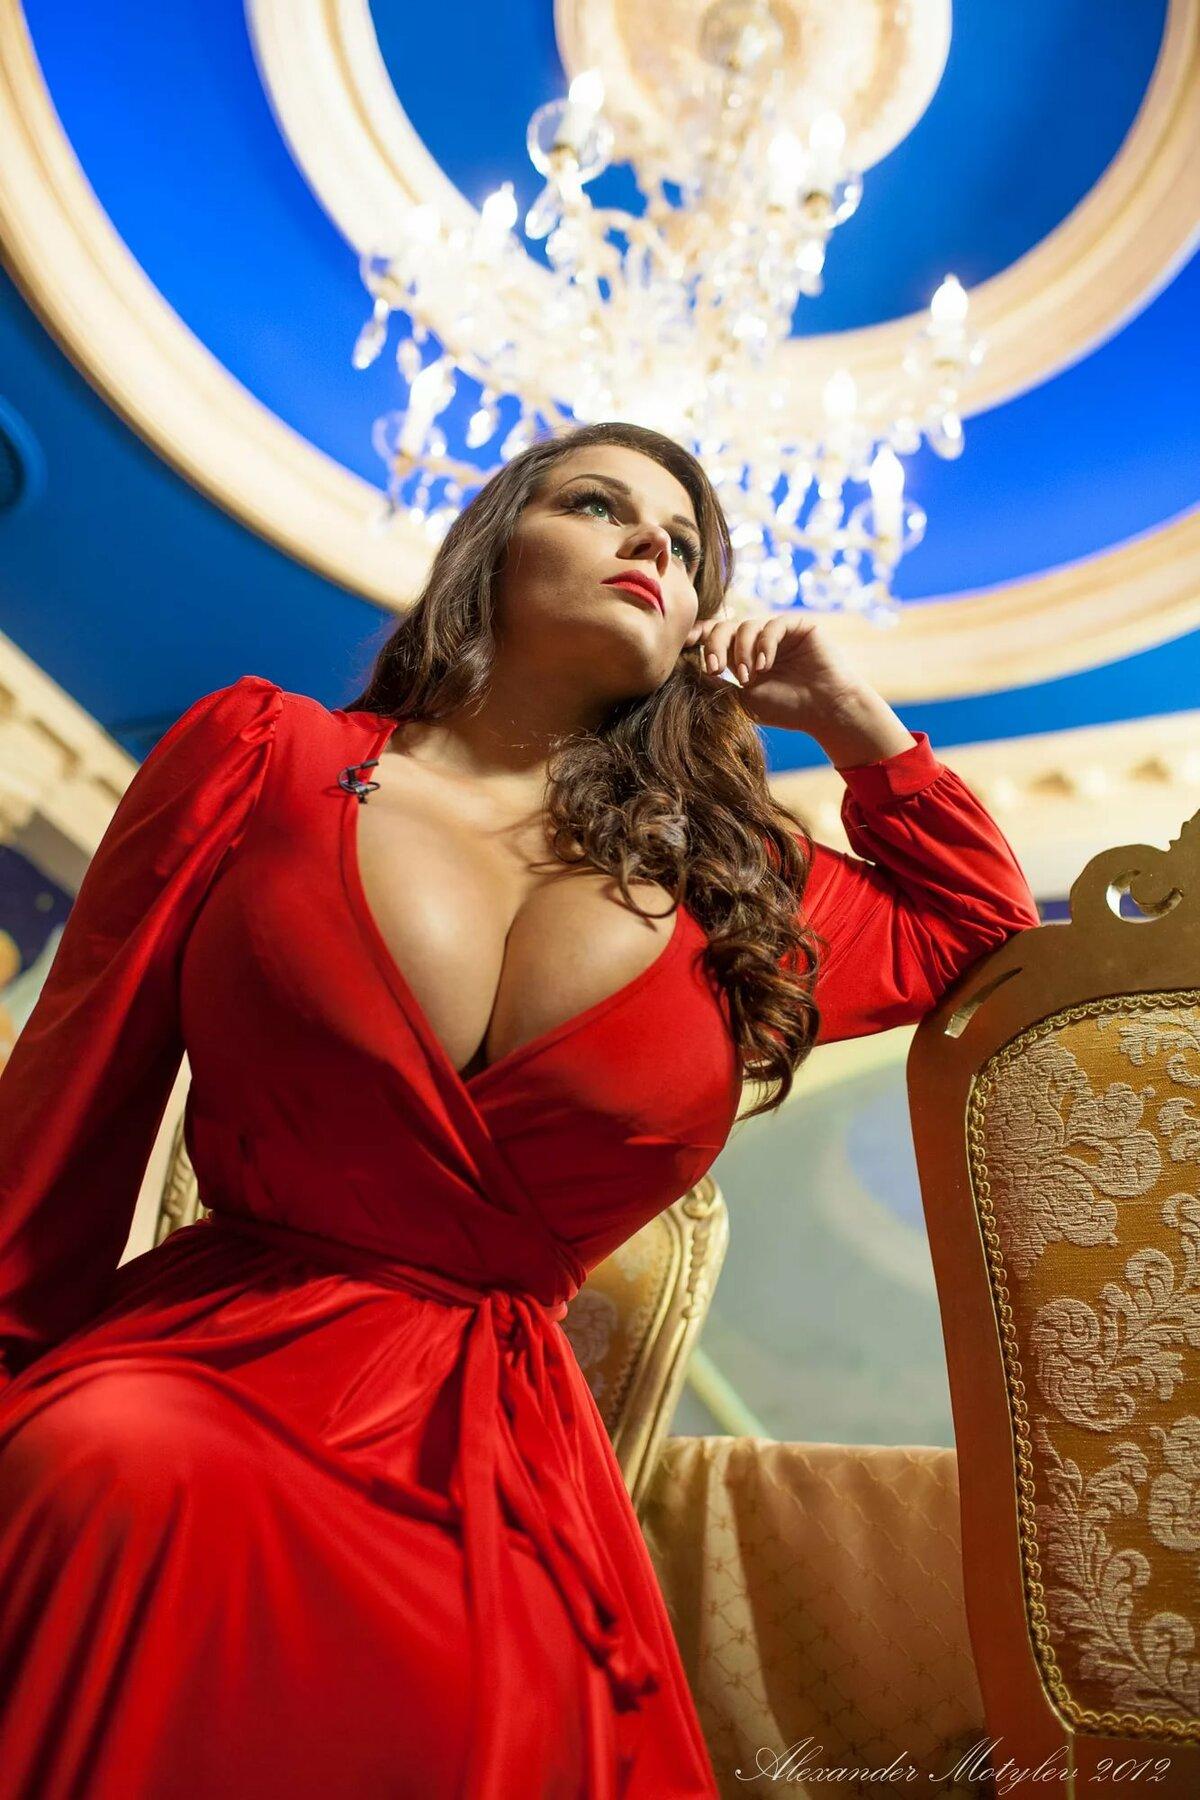 Большая грудь российских женщин, девушки дрочат члены ногами и получают сперму